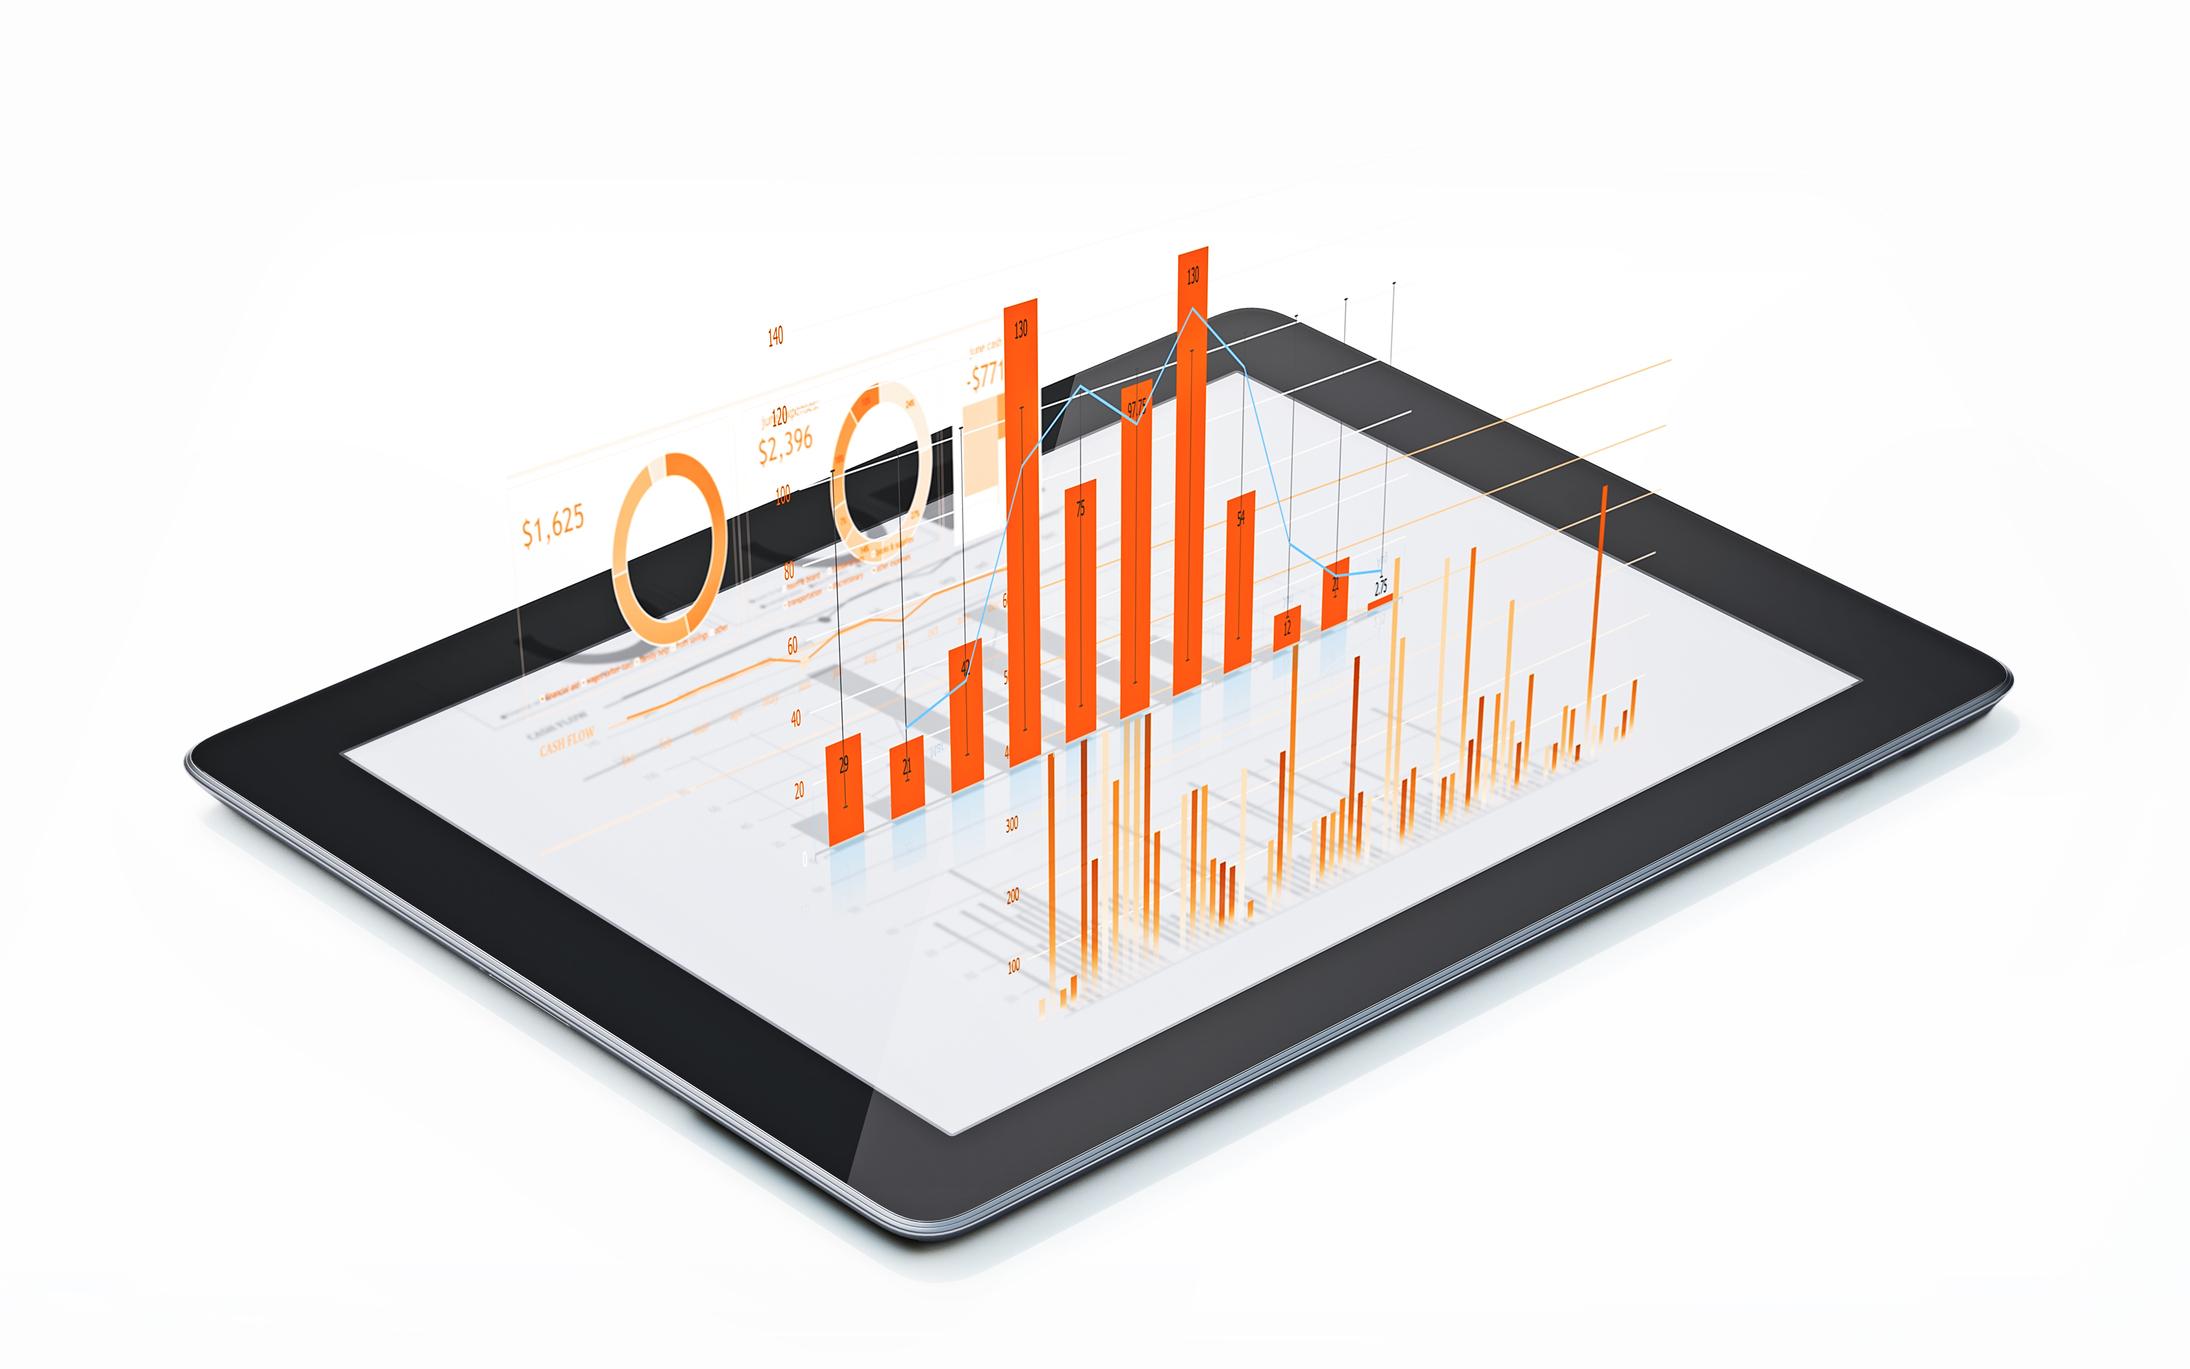 Statistics on iPad Orange Newegg Logistics